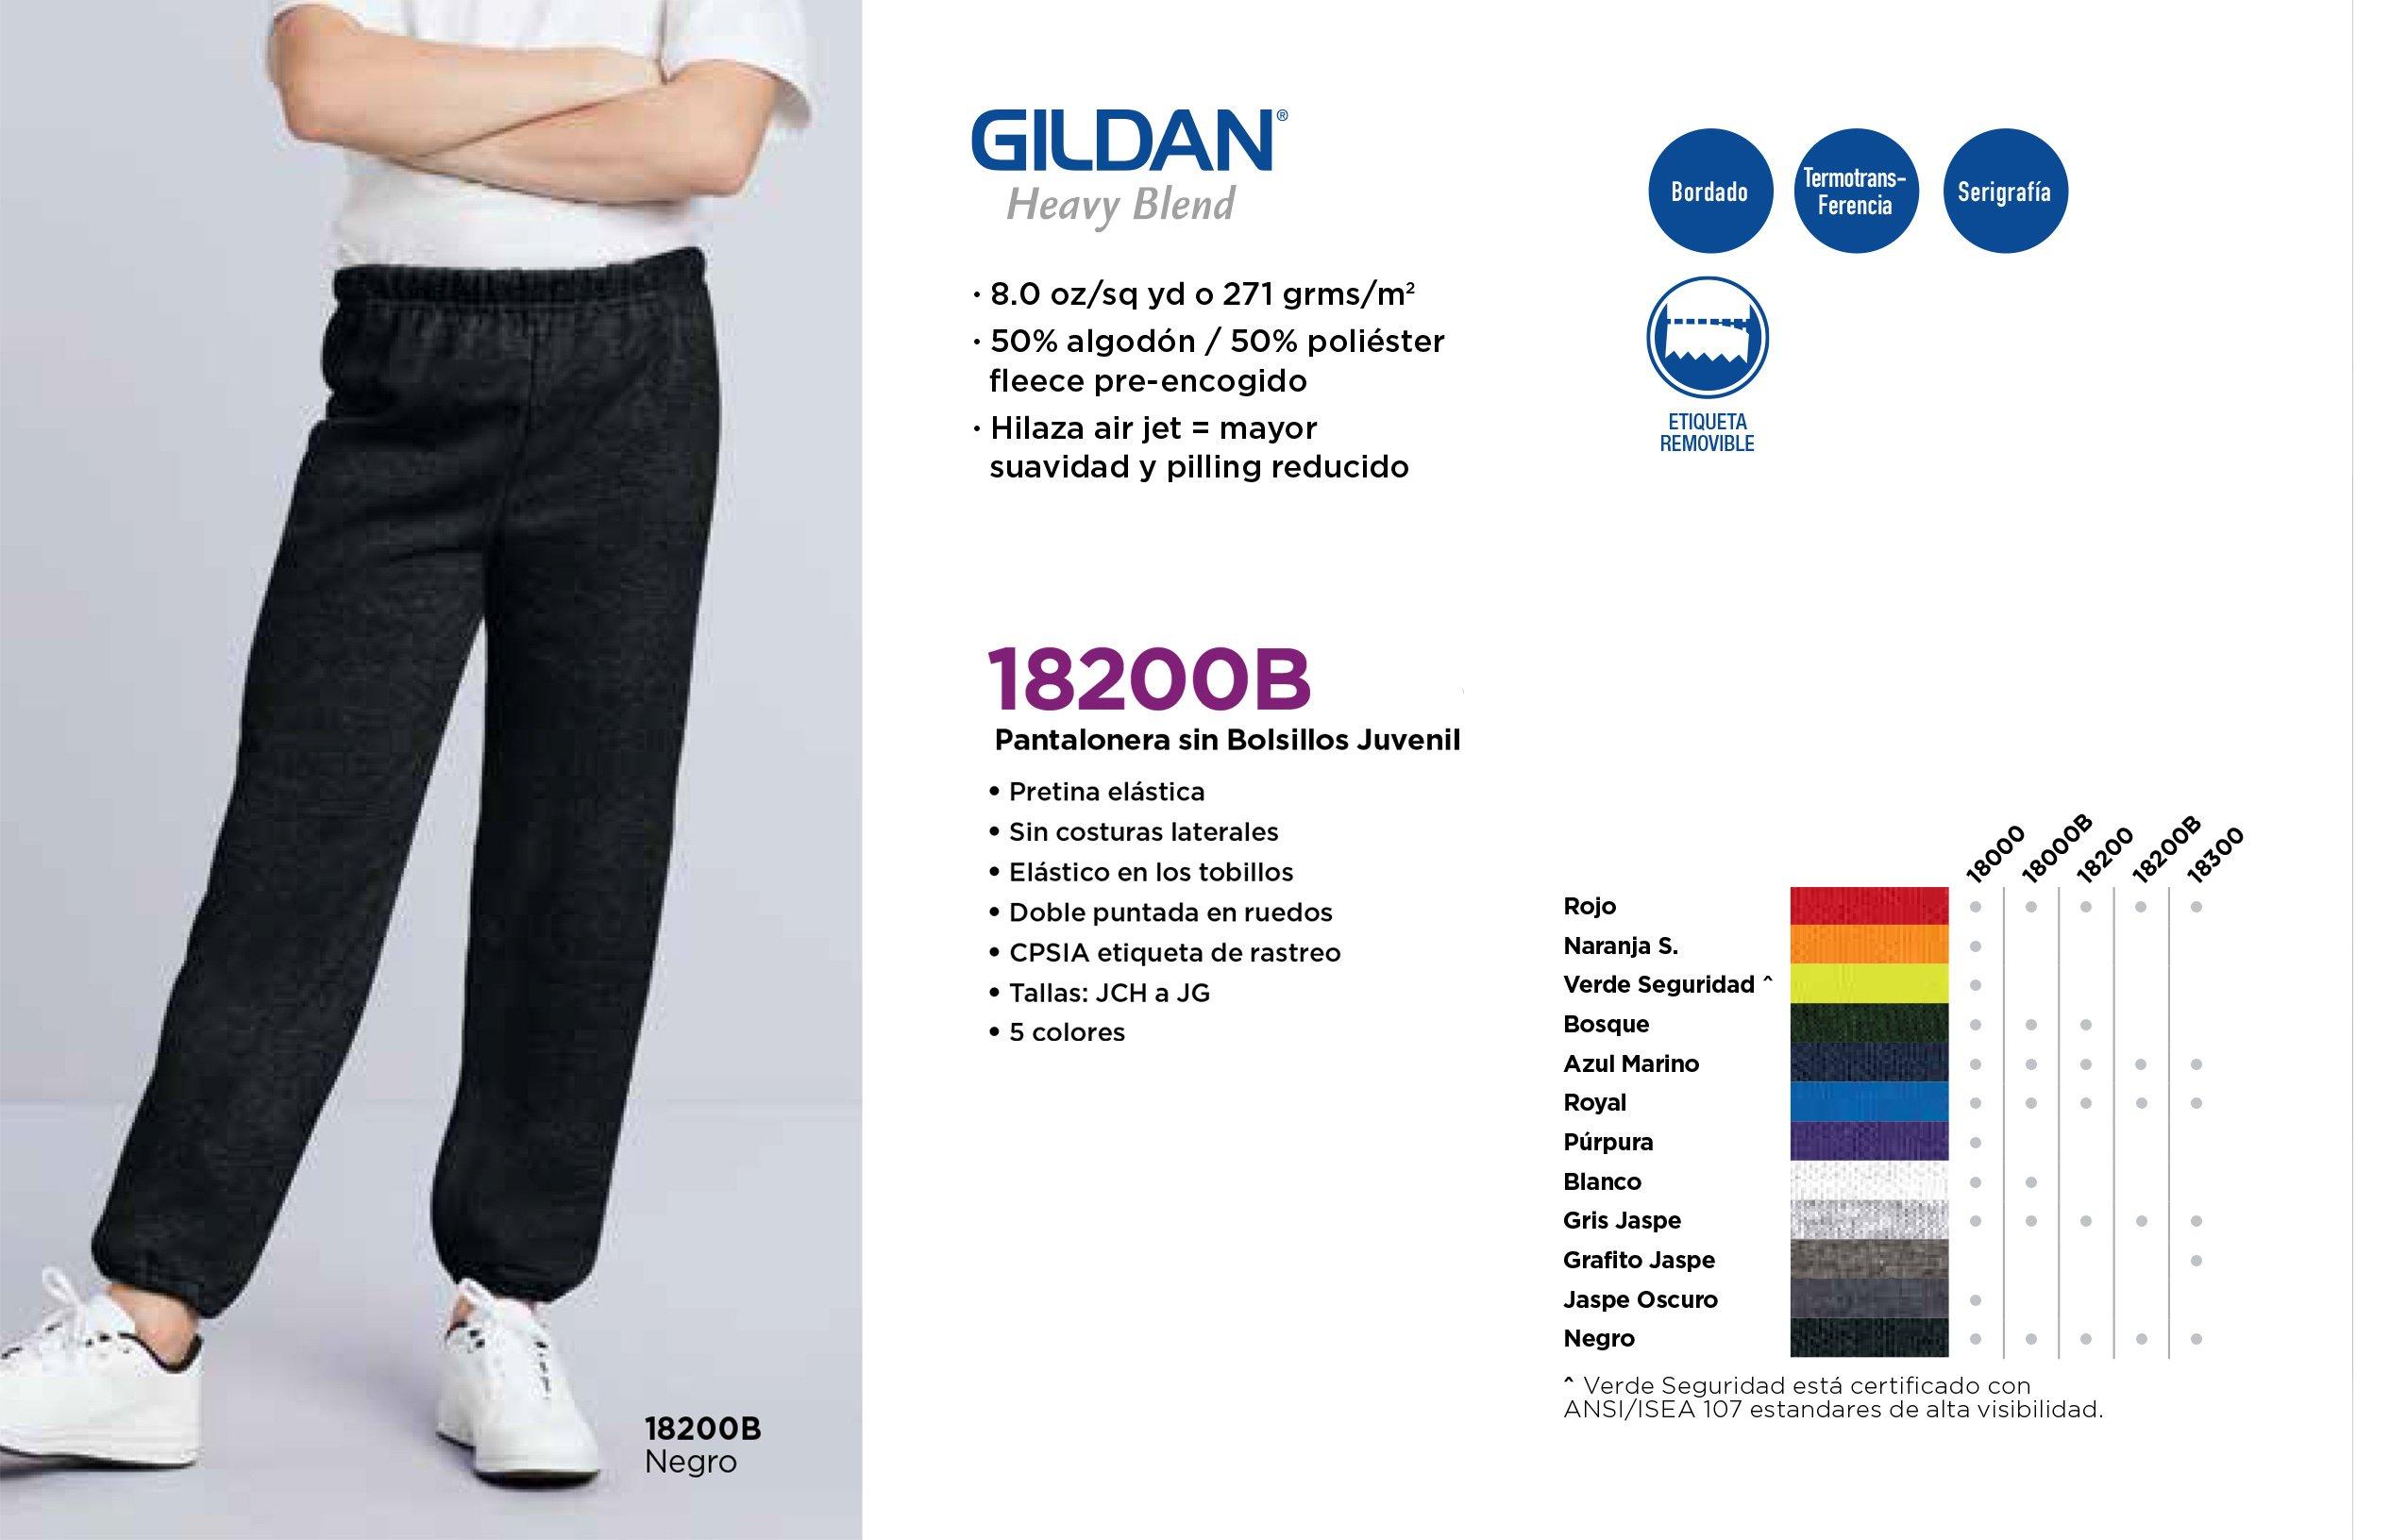 Pantalonera Sin Bolsillos Juvenil 18200B